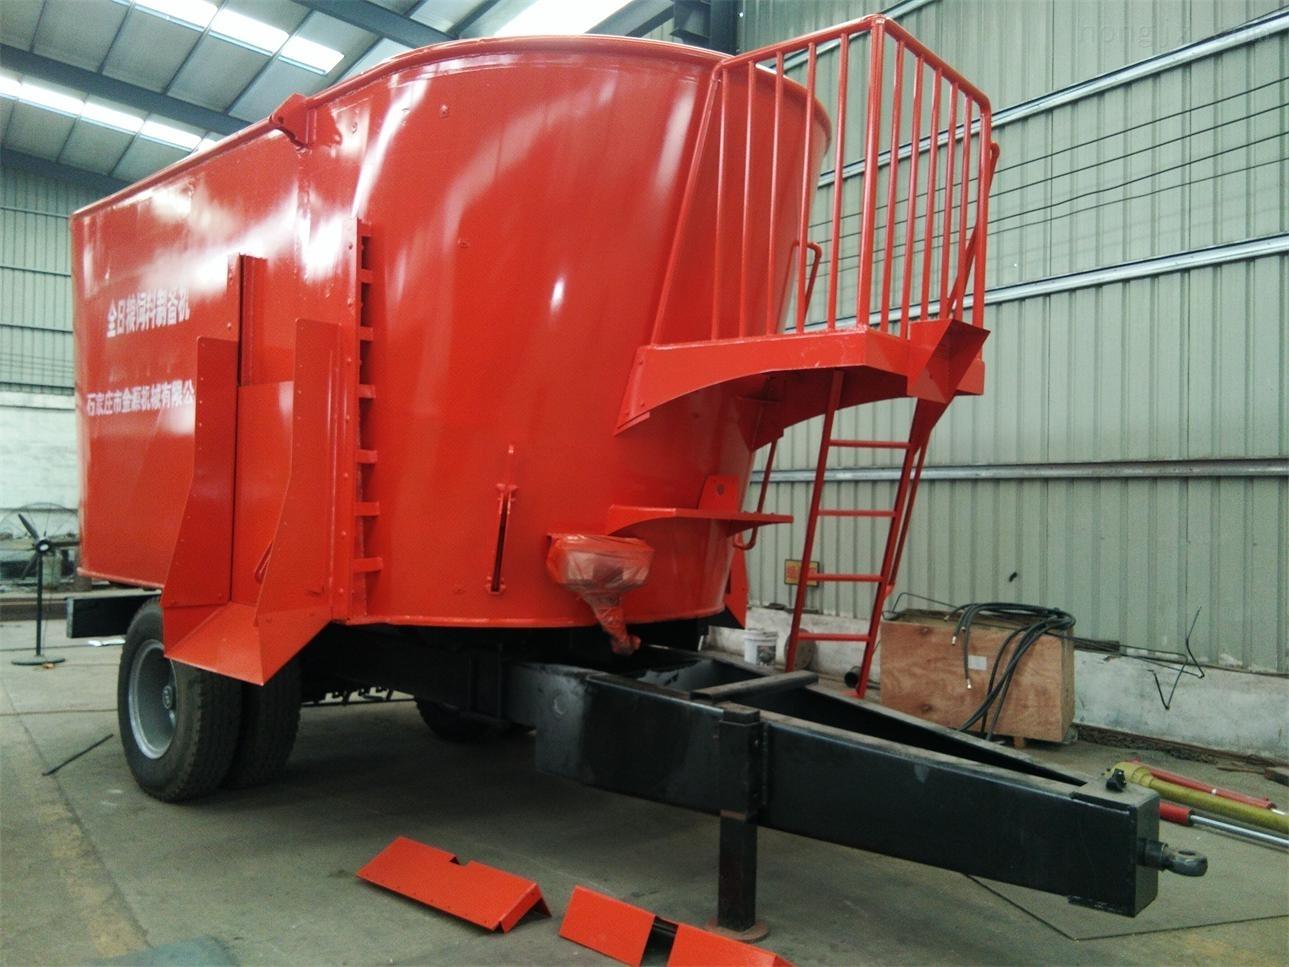 大型立式双搅龙饲料制备机搅拌机河北金源